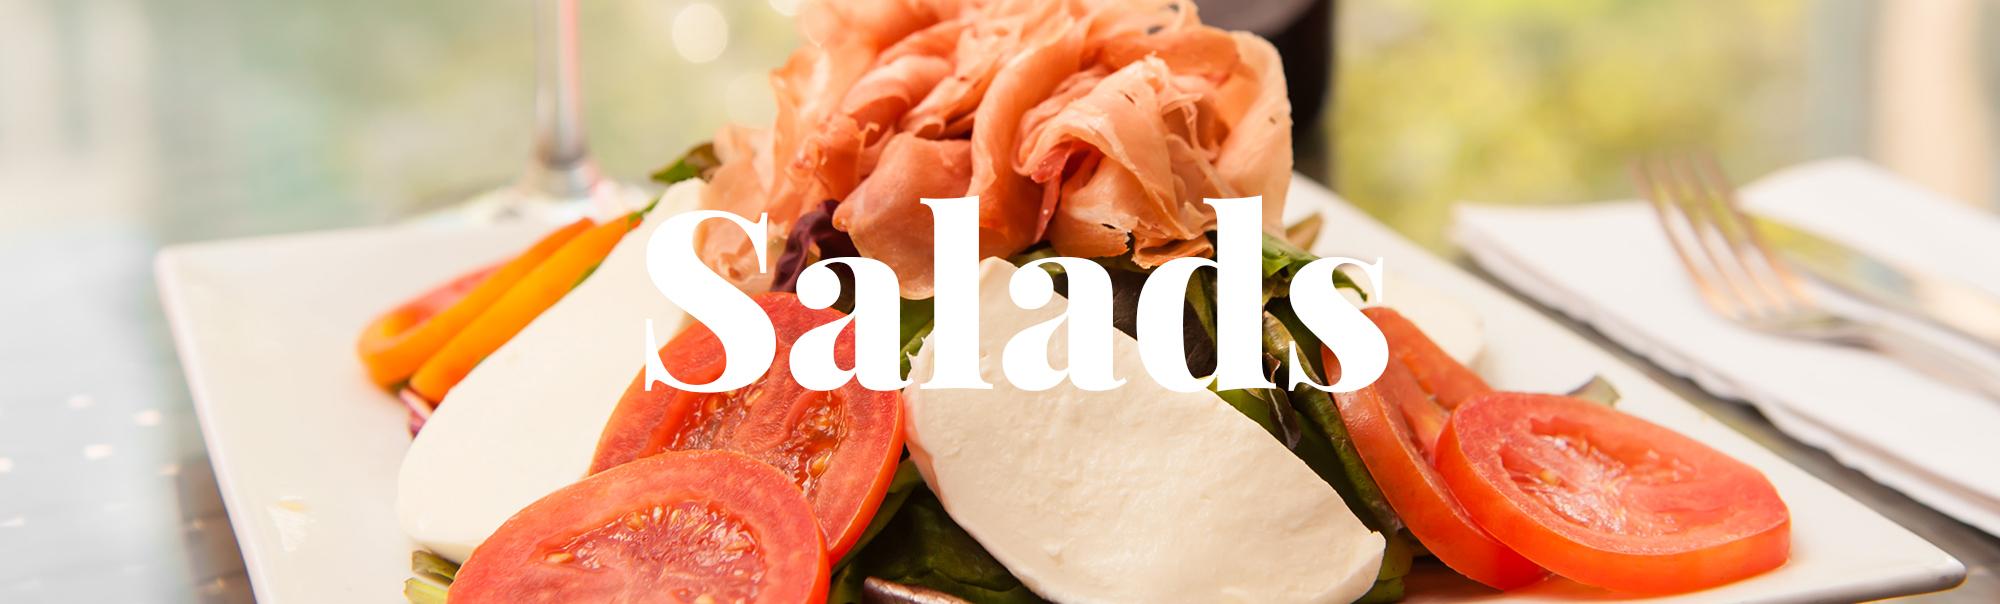 Atelier-Monnier-Menu-Salads-Banner